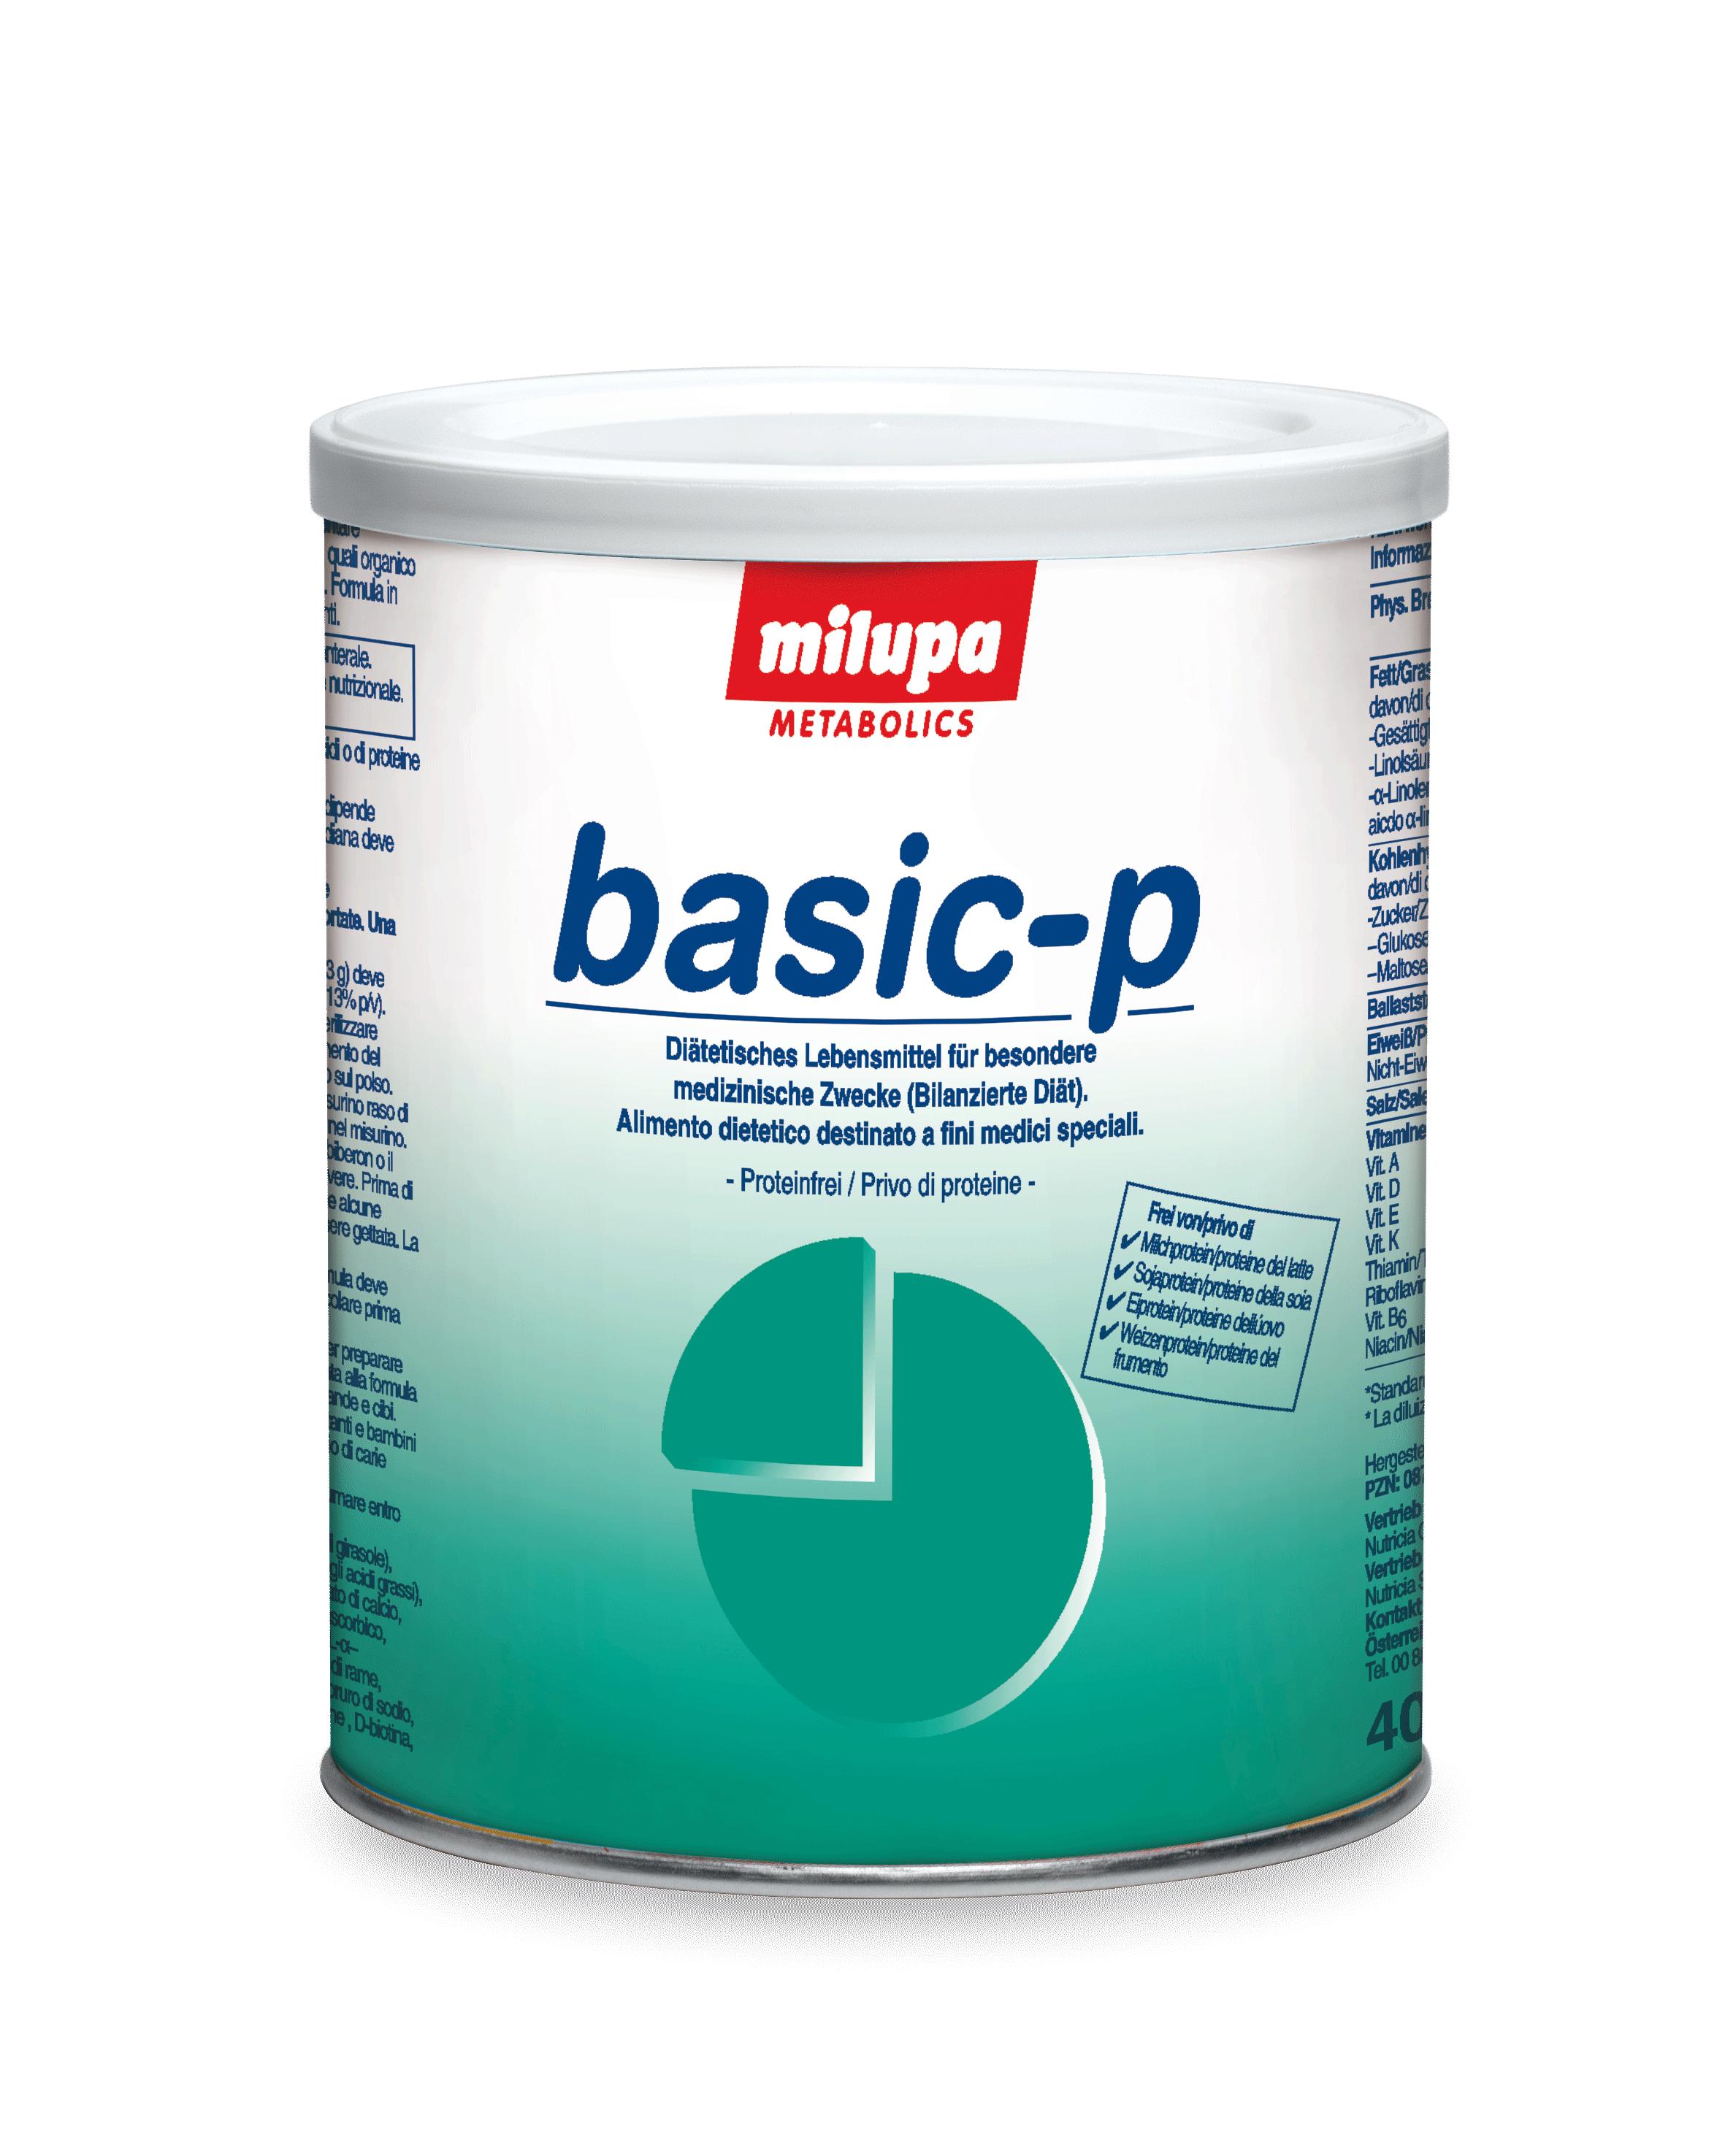 Nutricia Regarding Basic P&l